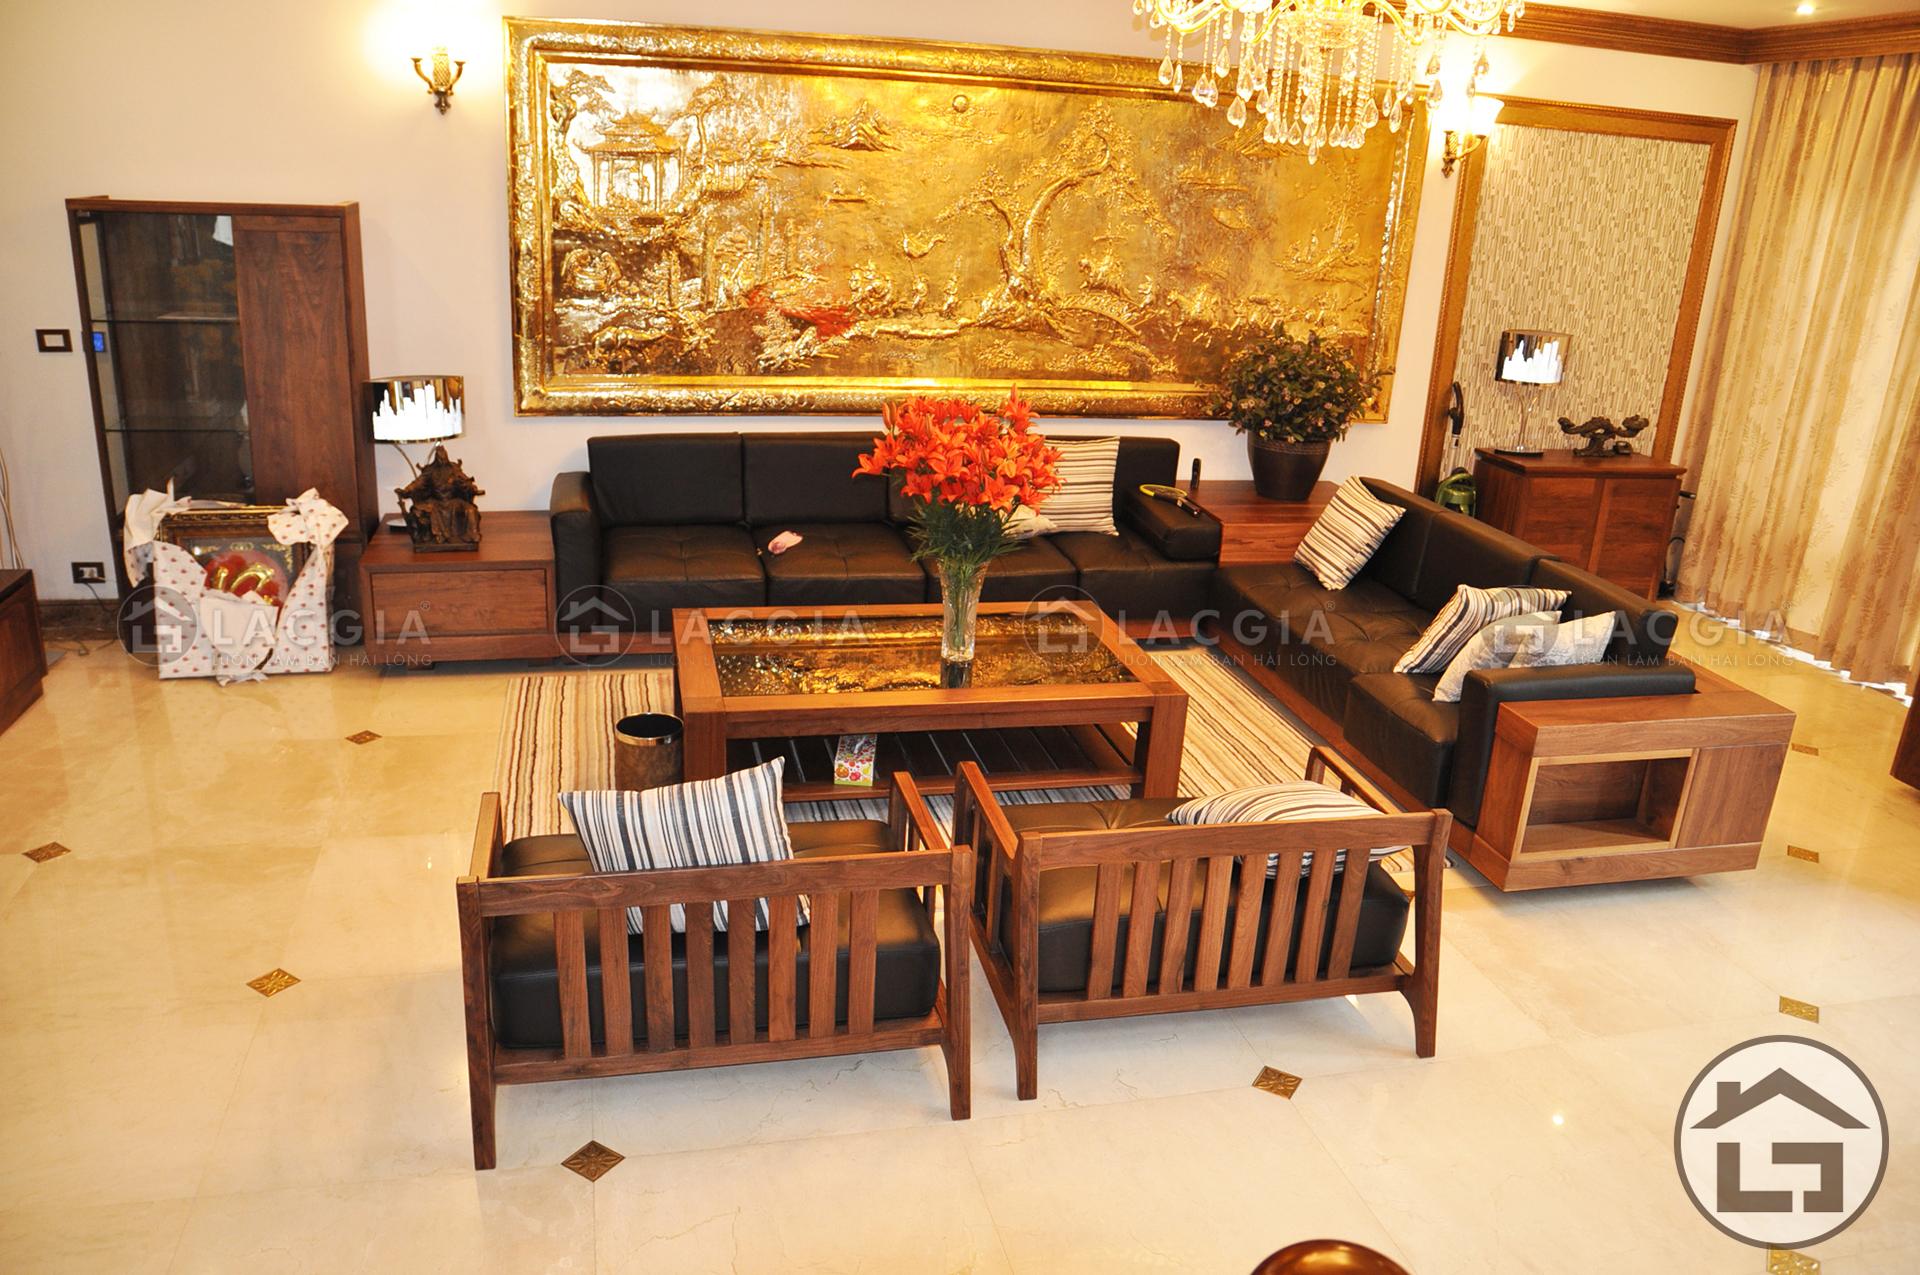 bo sofa lon lg sf02 1 - Sofa gỗ cao cấp SF02